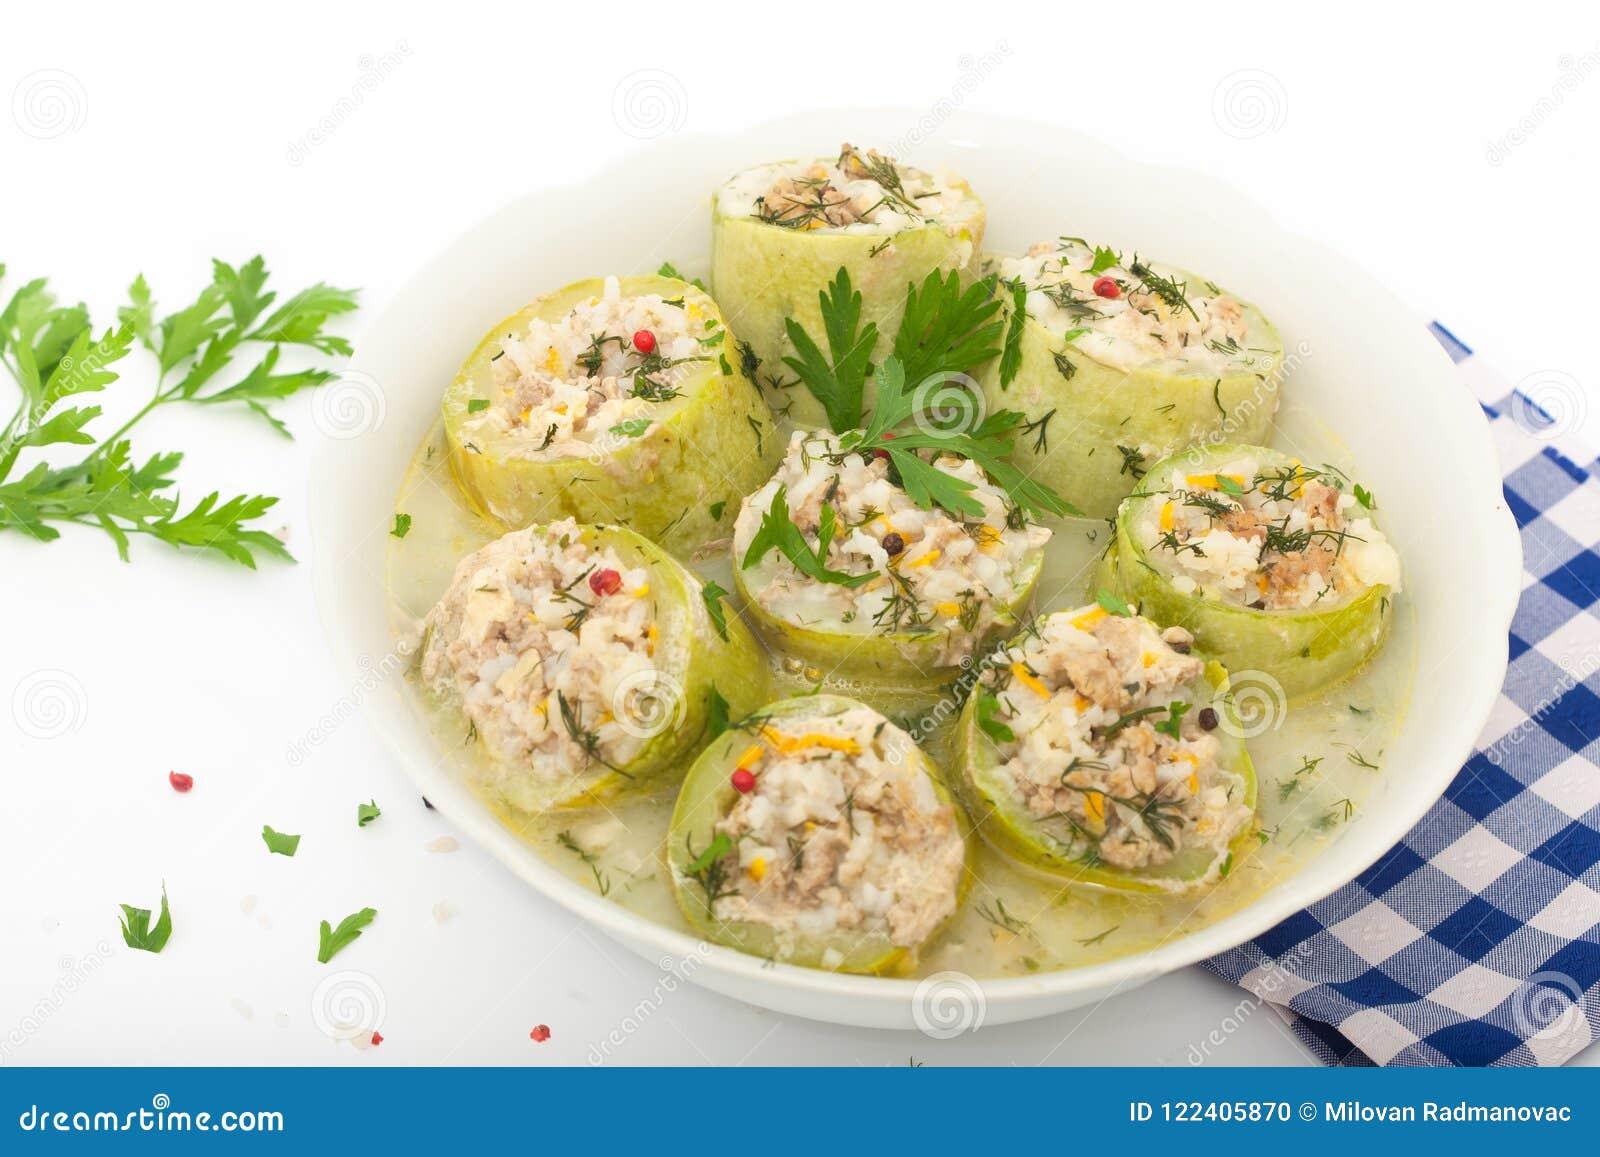 Zucchini farcito con riso, carne tritata e le verdure